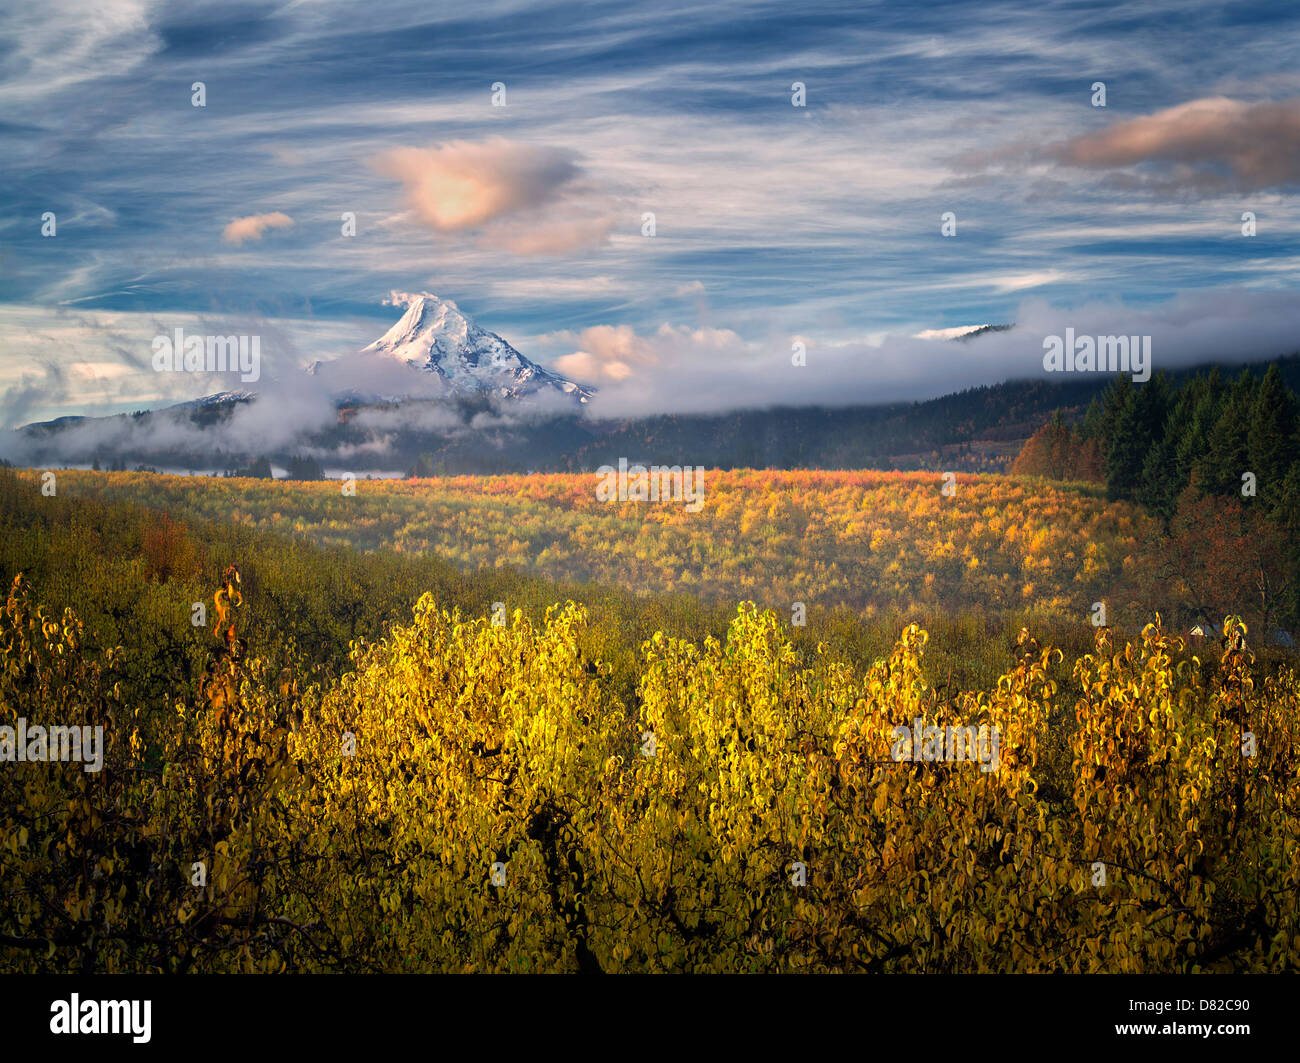 Birnengarten in Herbstfarben und Mt. Hood. Hood River Valley, Oregon Stockbild